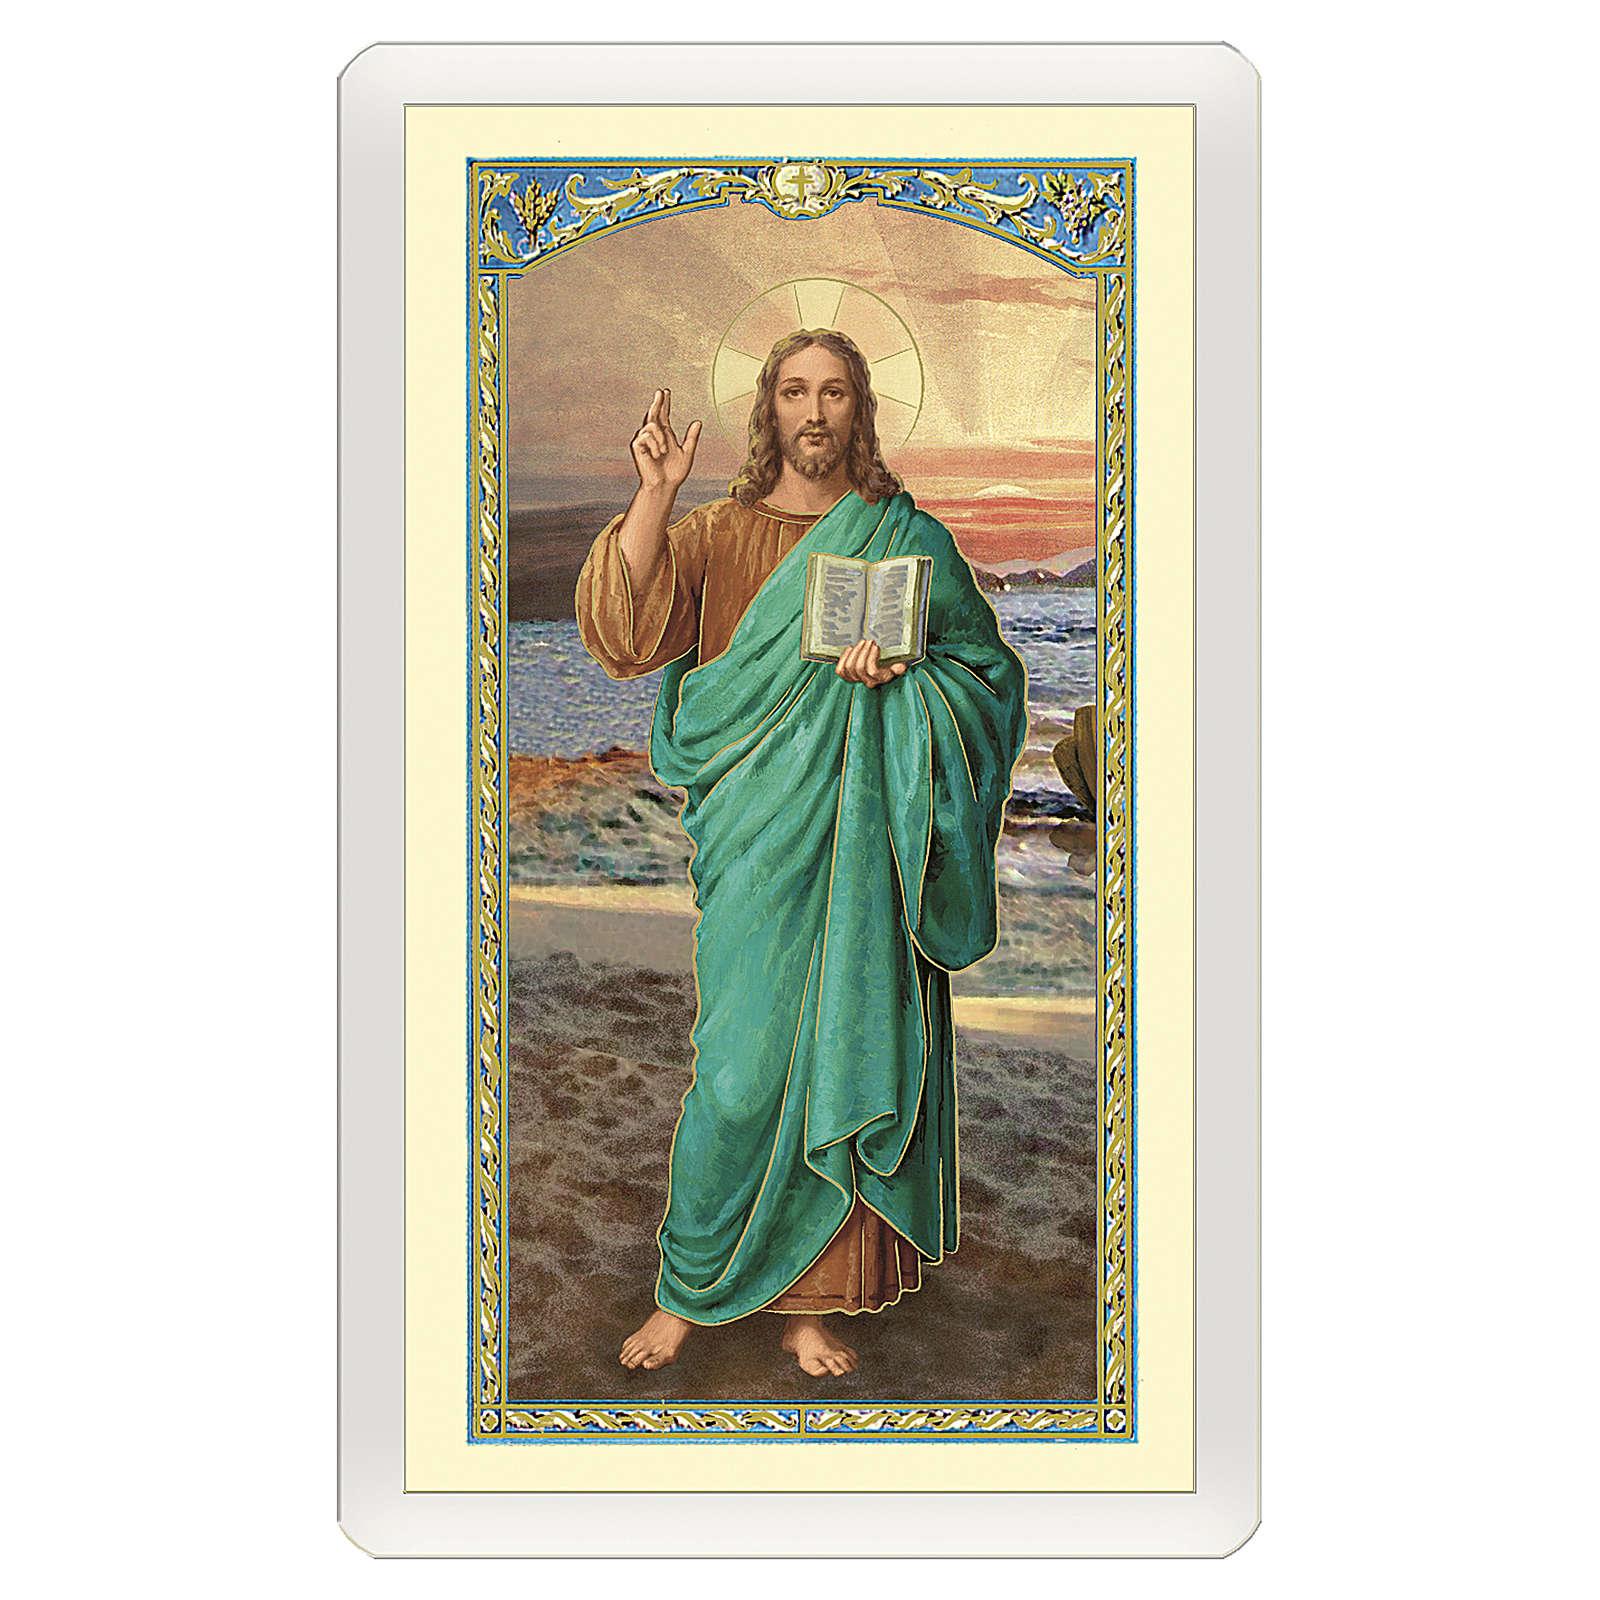 Santino Icona del Gesù Maestro Dieci Comandamenti ITA 10x5 4